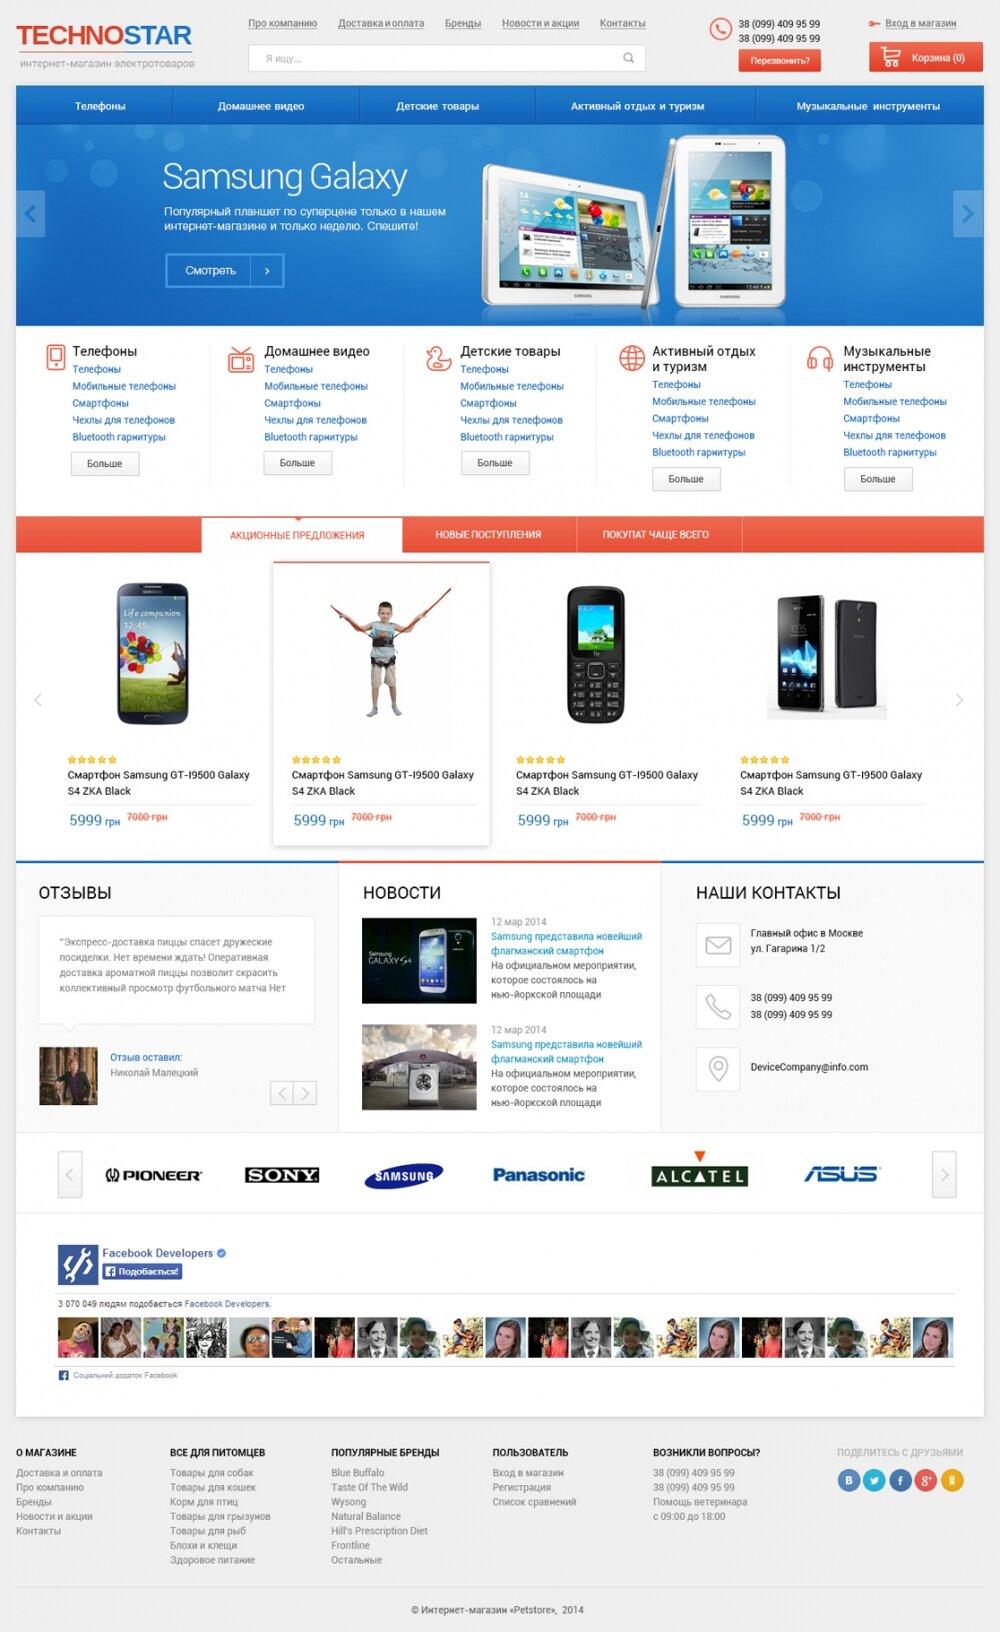 Безкоштовний шаблон інтернет-магазину Technostar Электроника - 1 Small